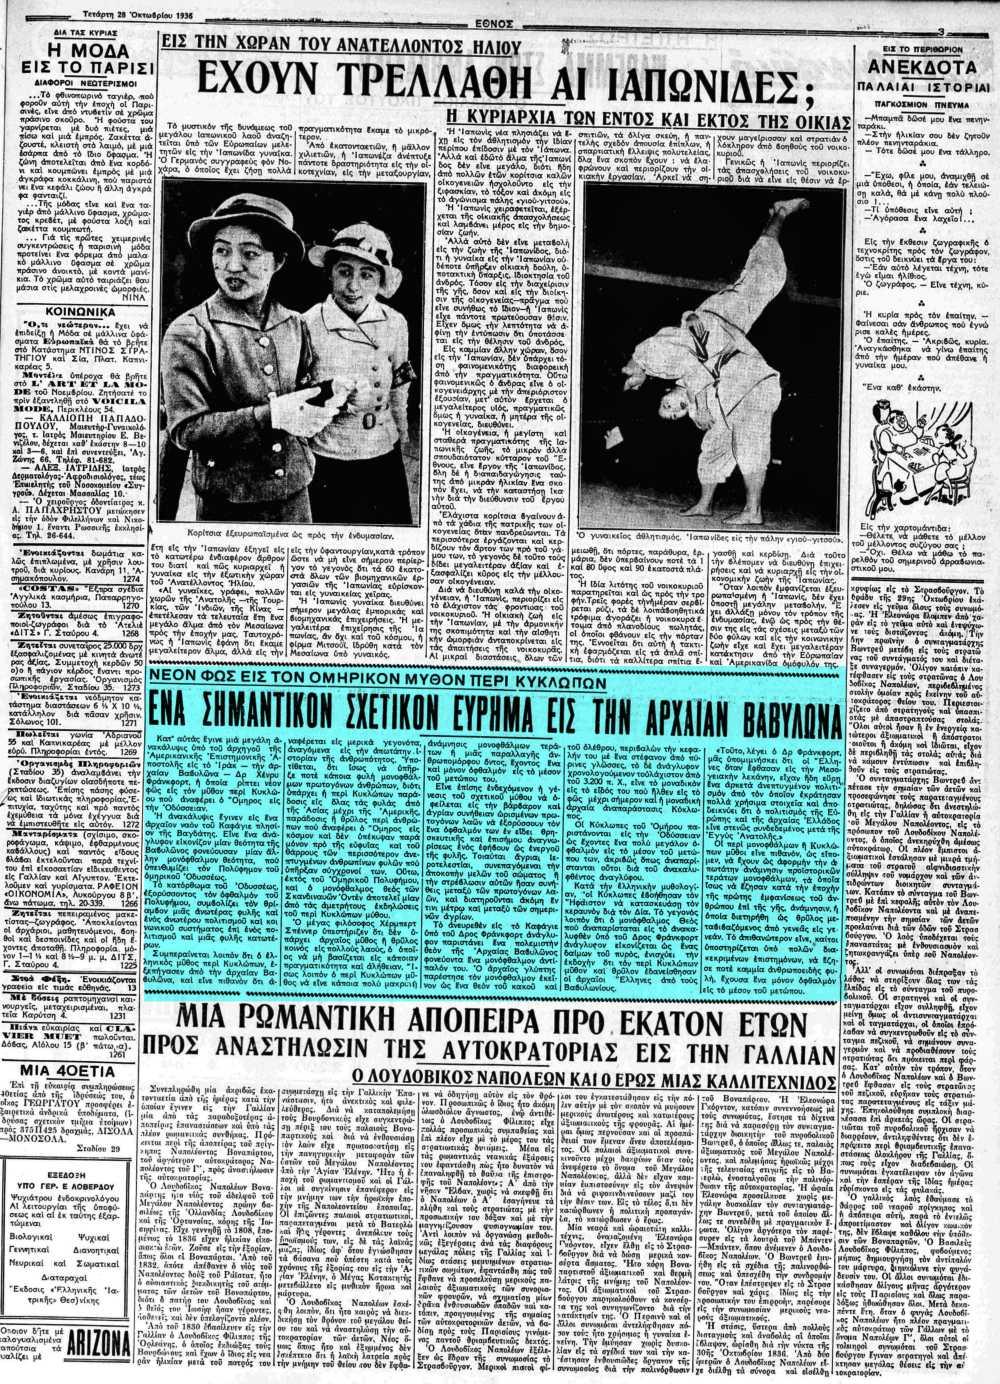 """Το άρθρο, όπως δημοσιεύθηκε στην εφημερίδα """"ΕΘΝΟΣ"""", στις 28/10/1936"""